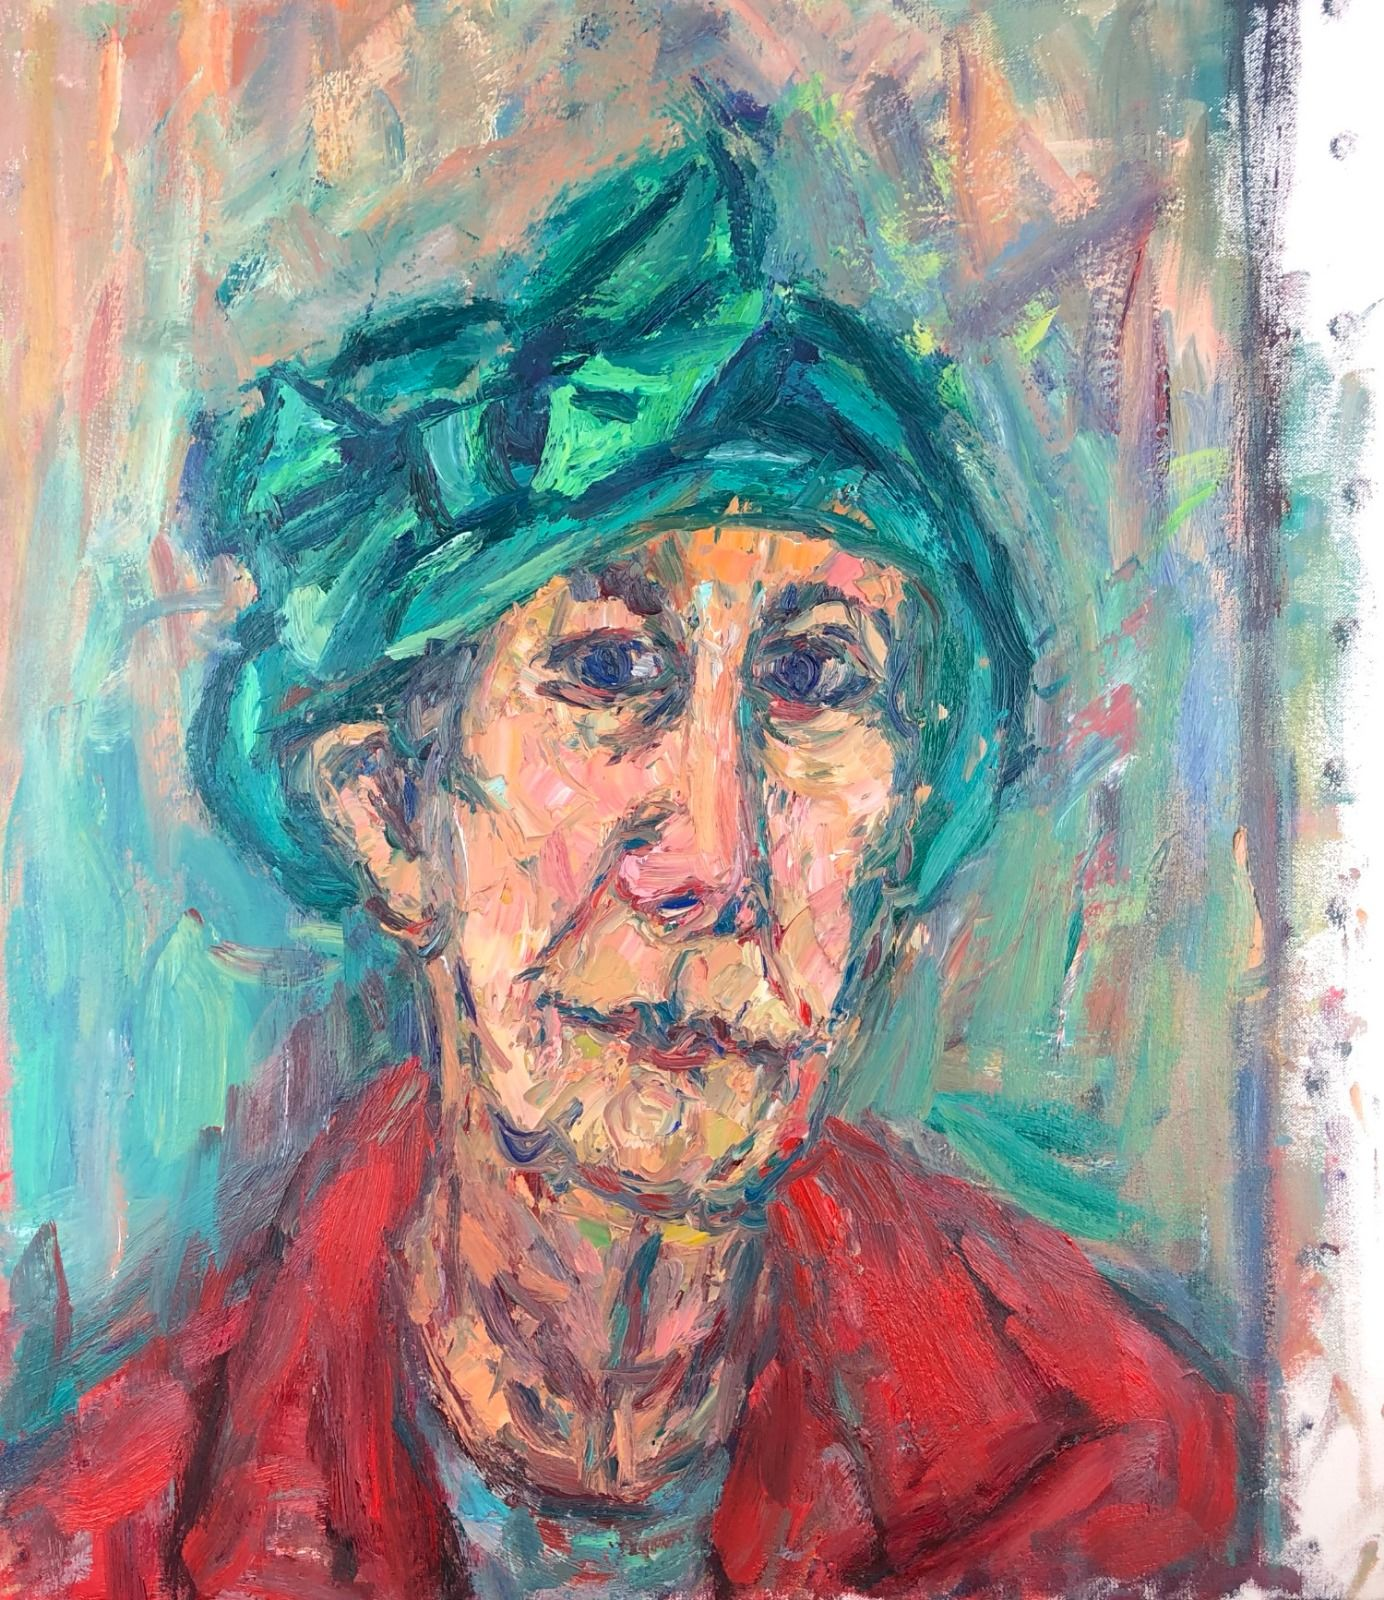 Portrait of a Woman in a Green Hat. 29in x 26in